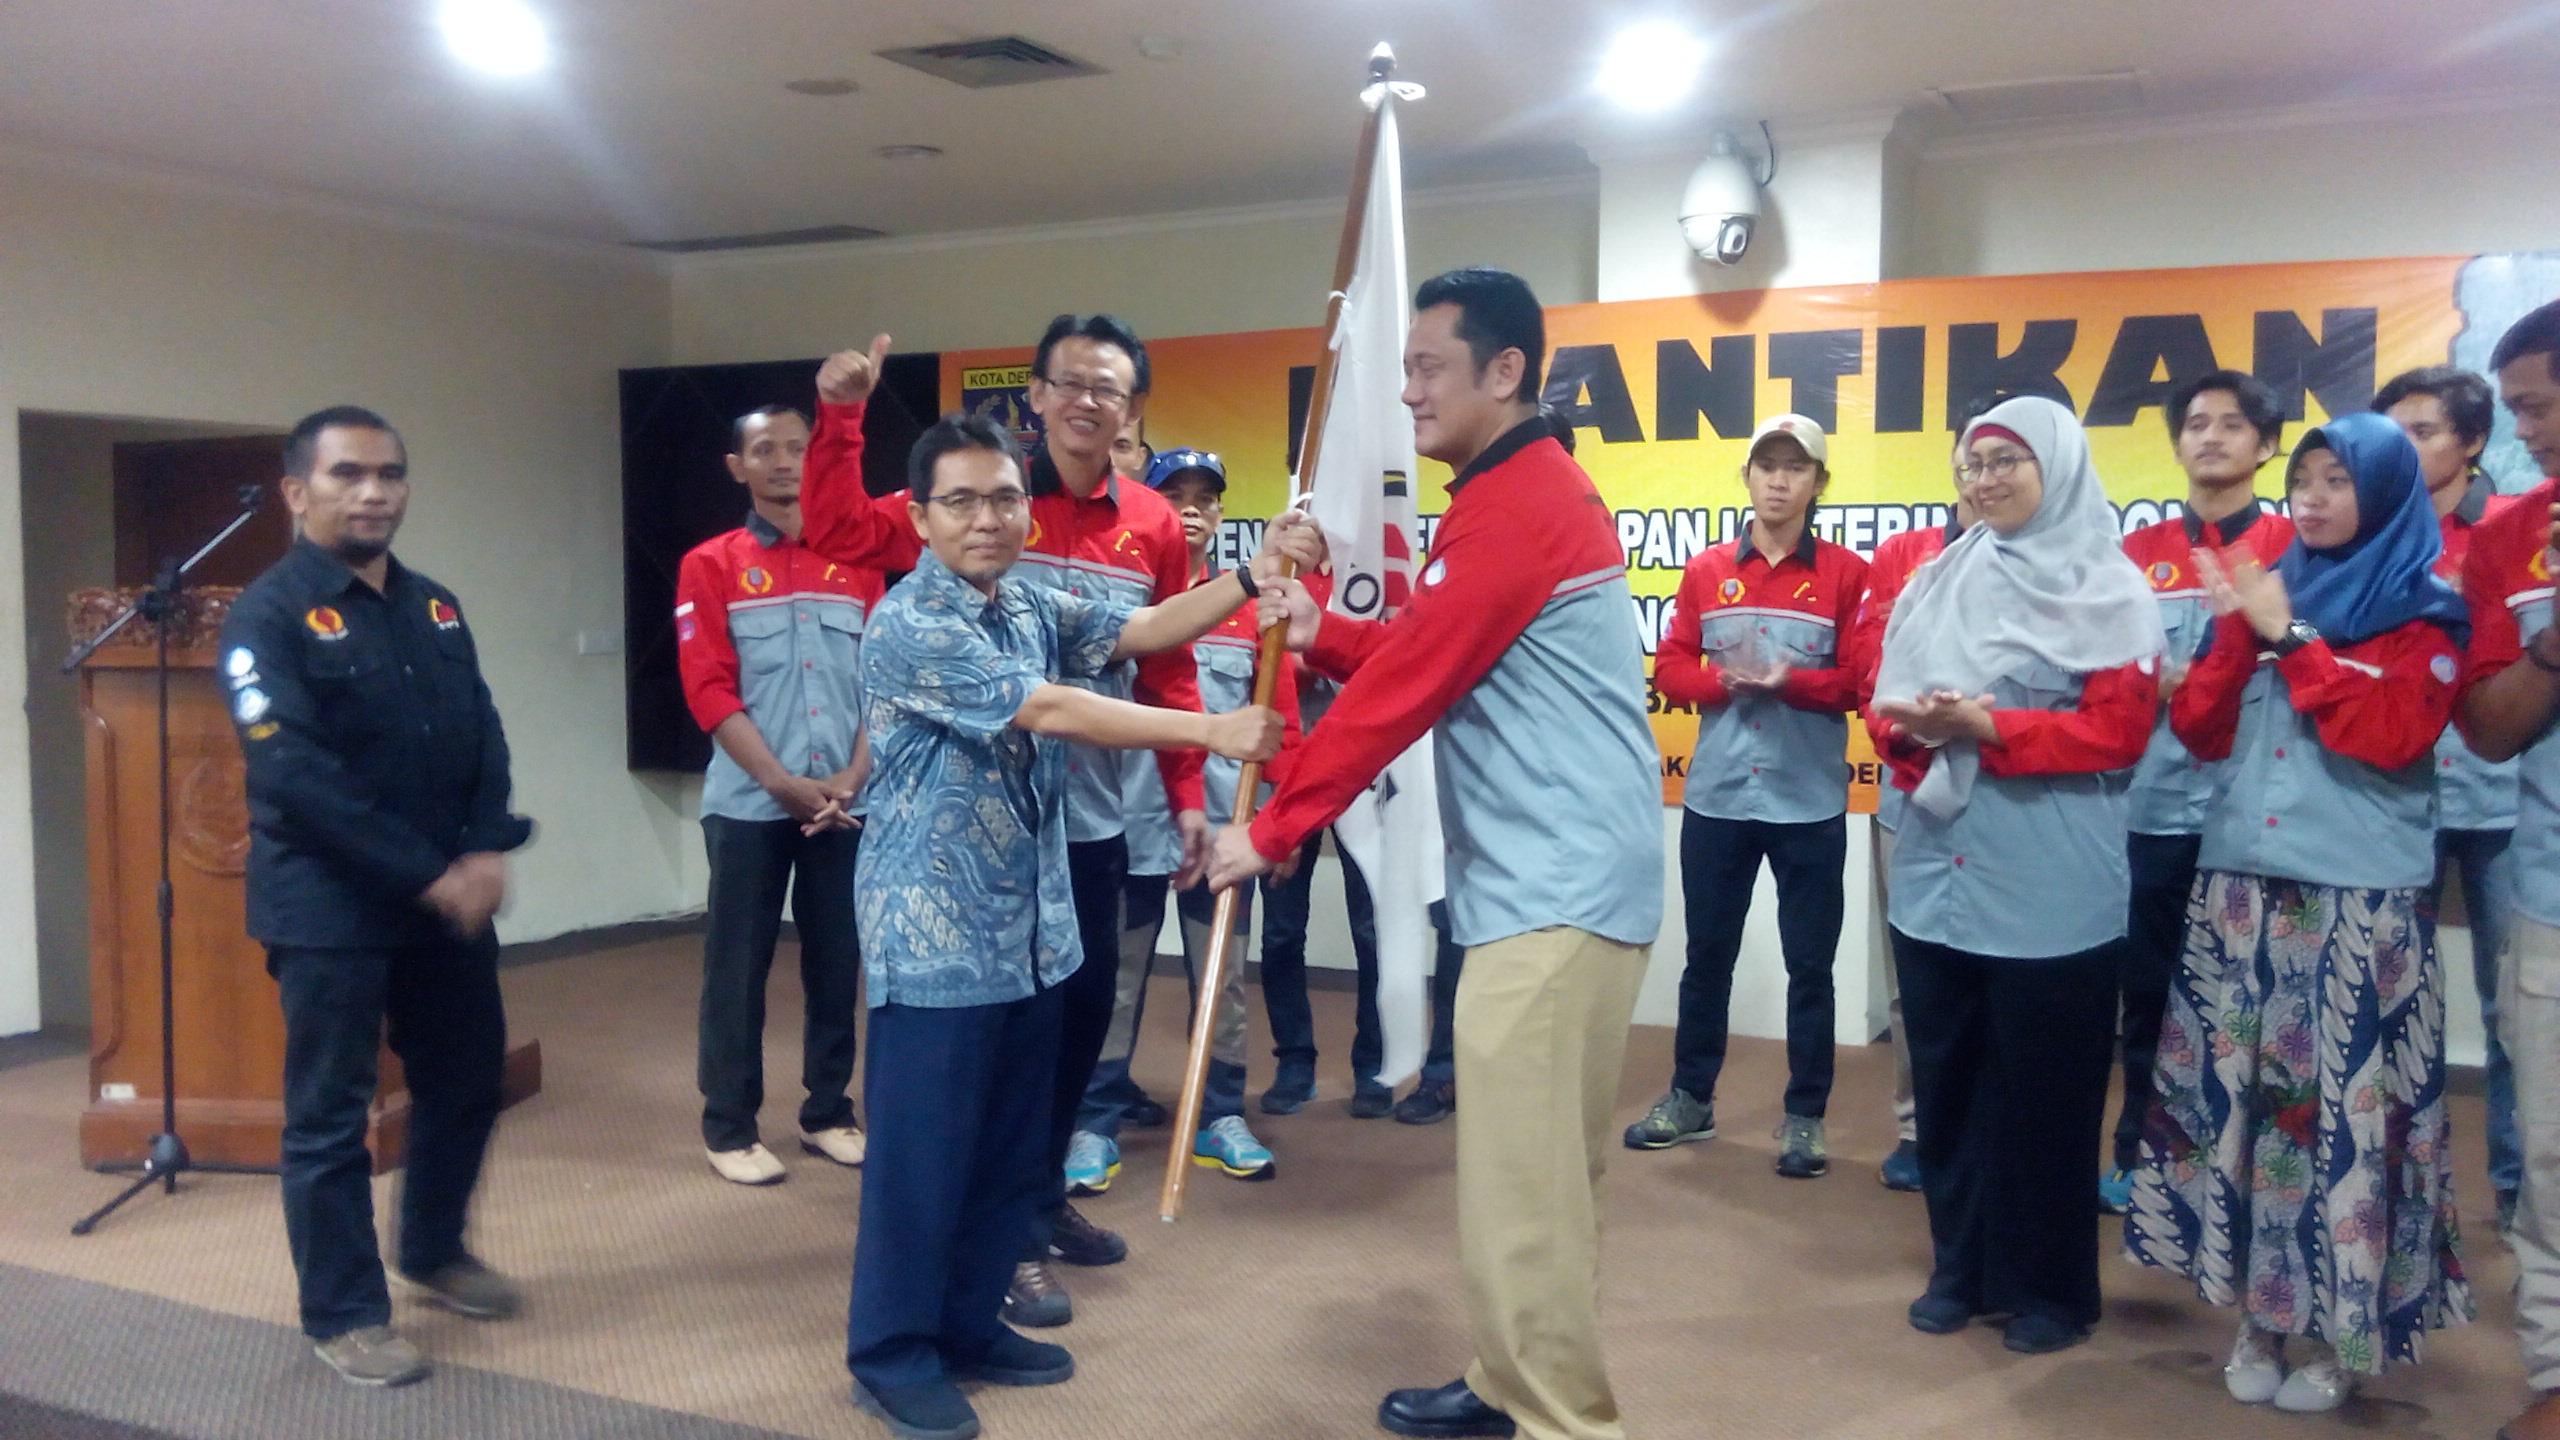 Ketua KONI Kota Depok Drs. Amri Yusra. M.Si. memberikan bendera FPTI kota Depok kepada Ketua FPTI Baru sebagai symbol resmi kepengurusan FPTI yang baru periode 2018-2023